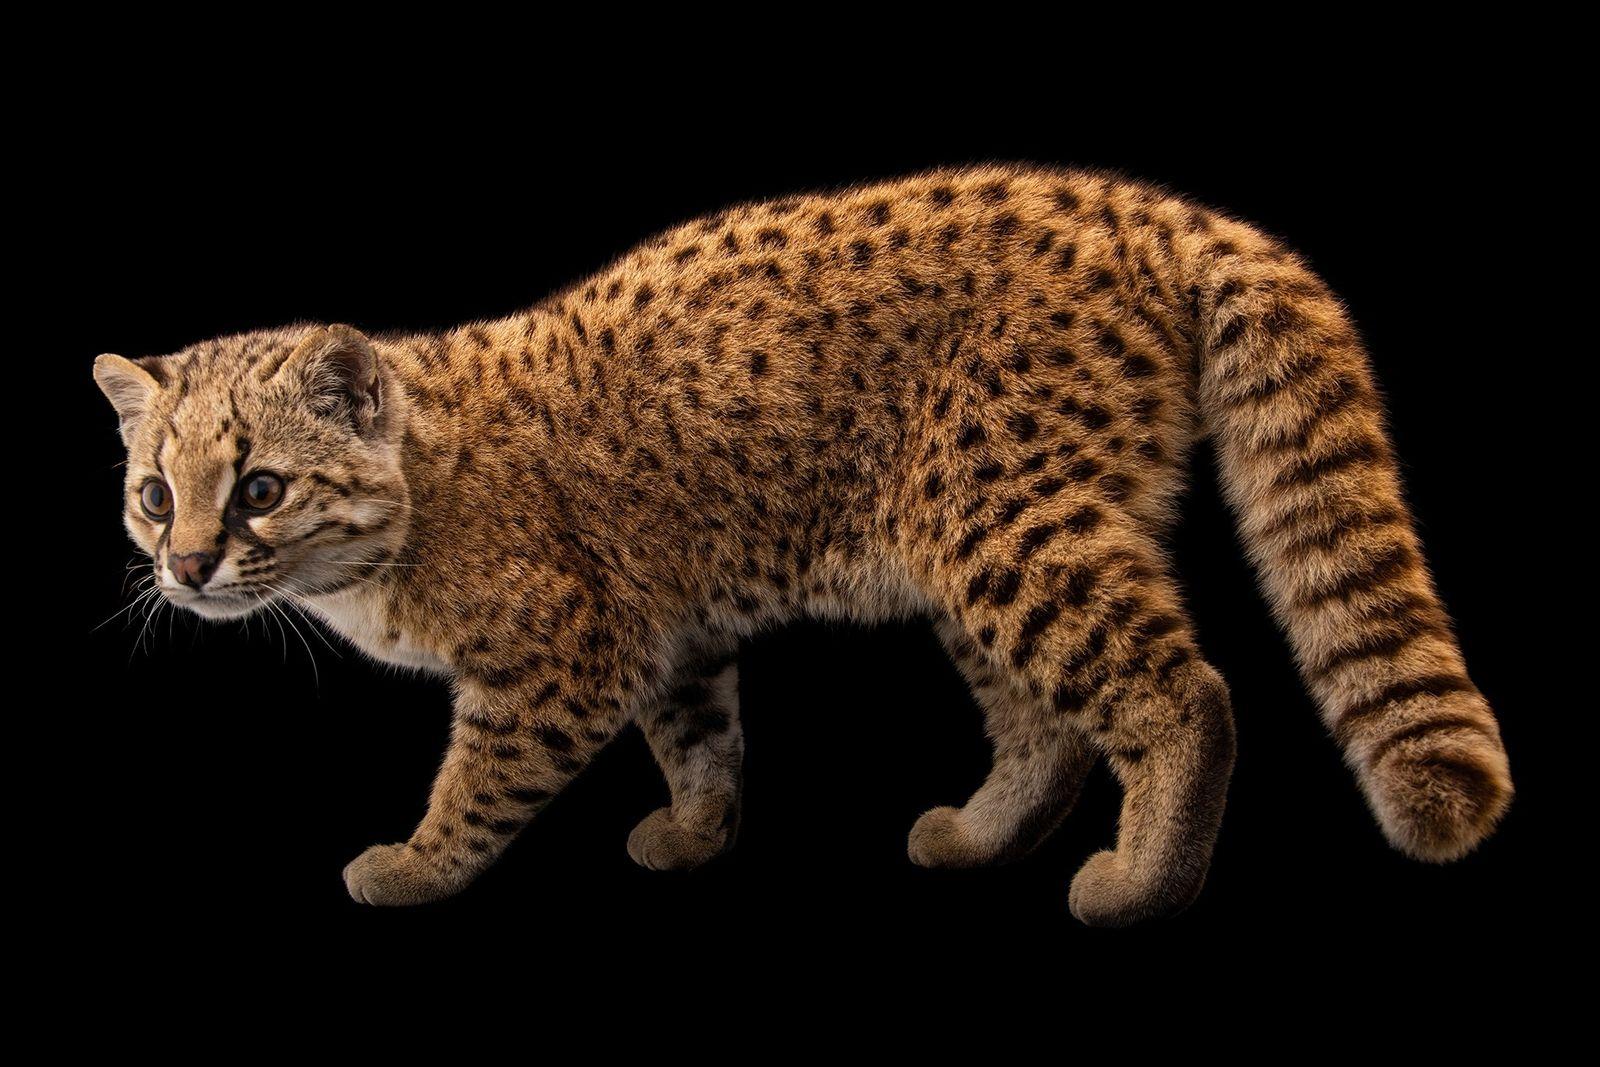 La güiña se ha convertido en el 10.000º animal fotografiado para Photo Ark